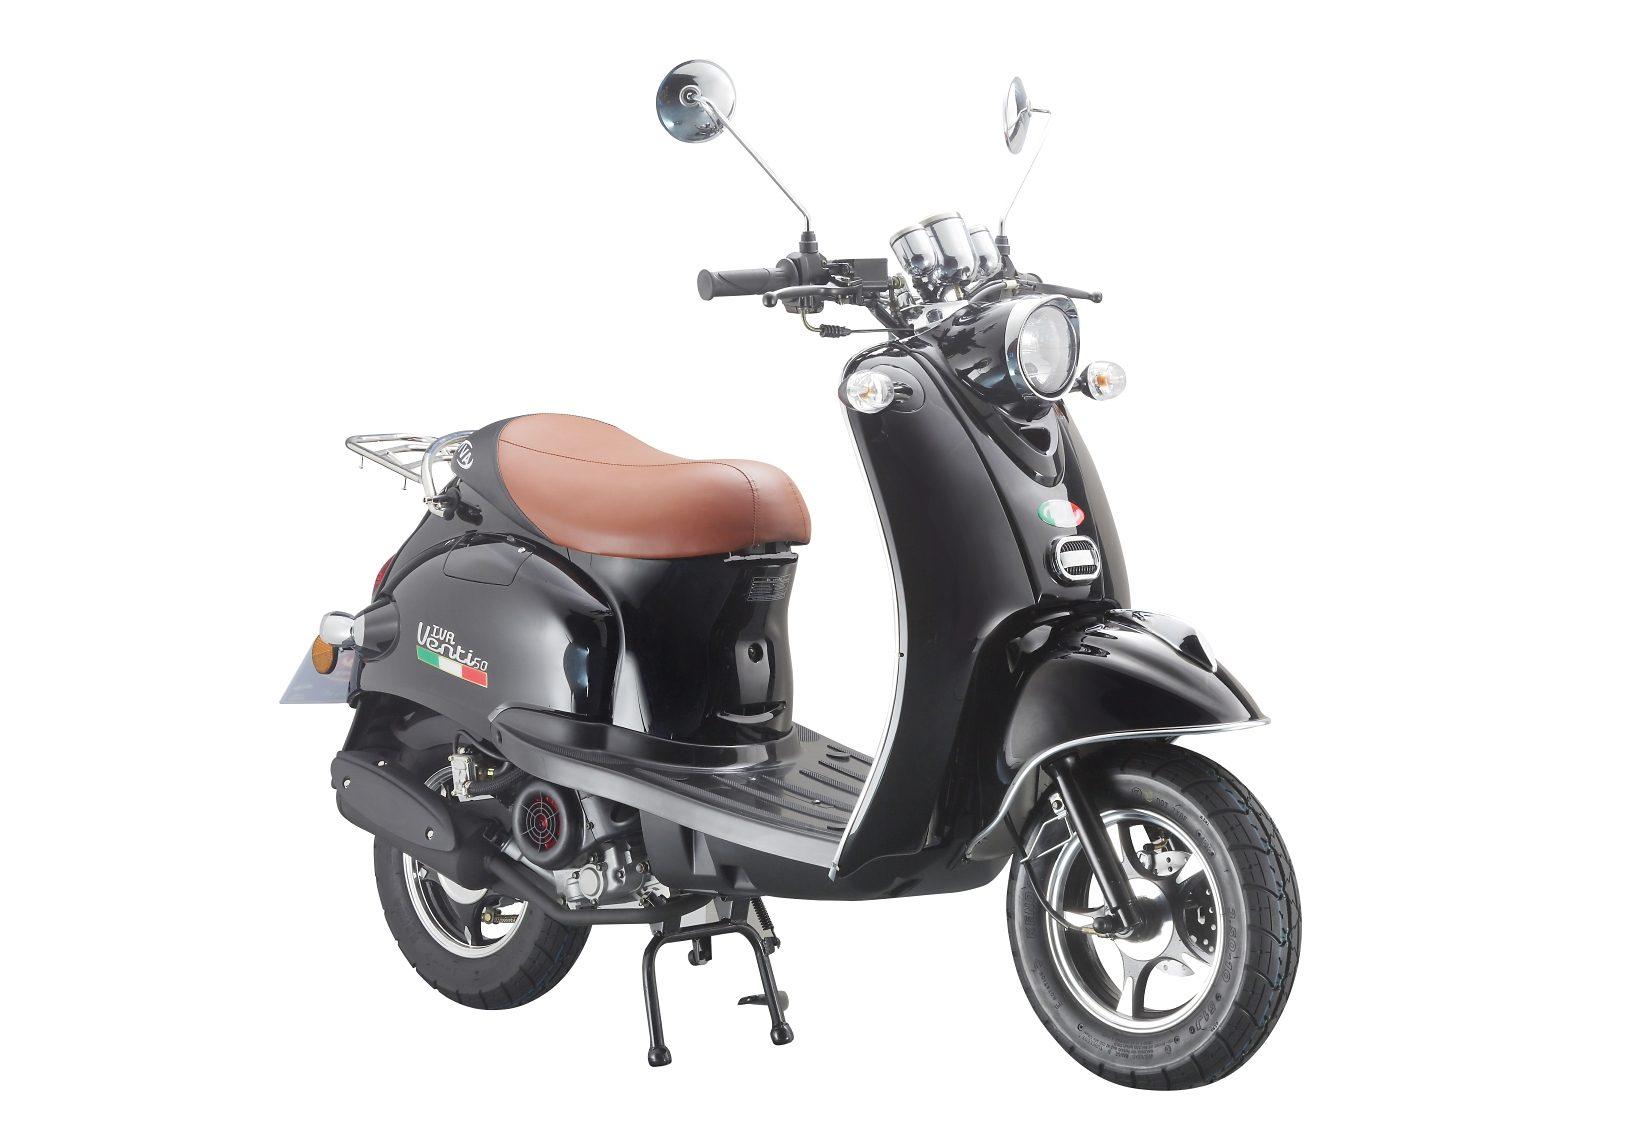 Mofaroller »VENTI 50«, 50 ccm 25 km/h, für 1 Person, schwarz/braun